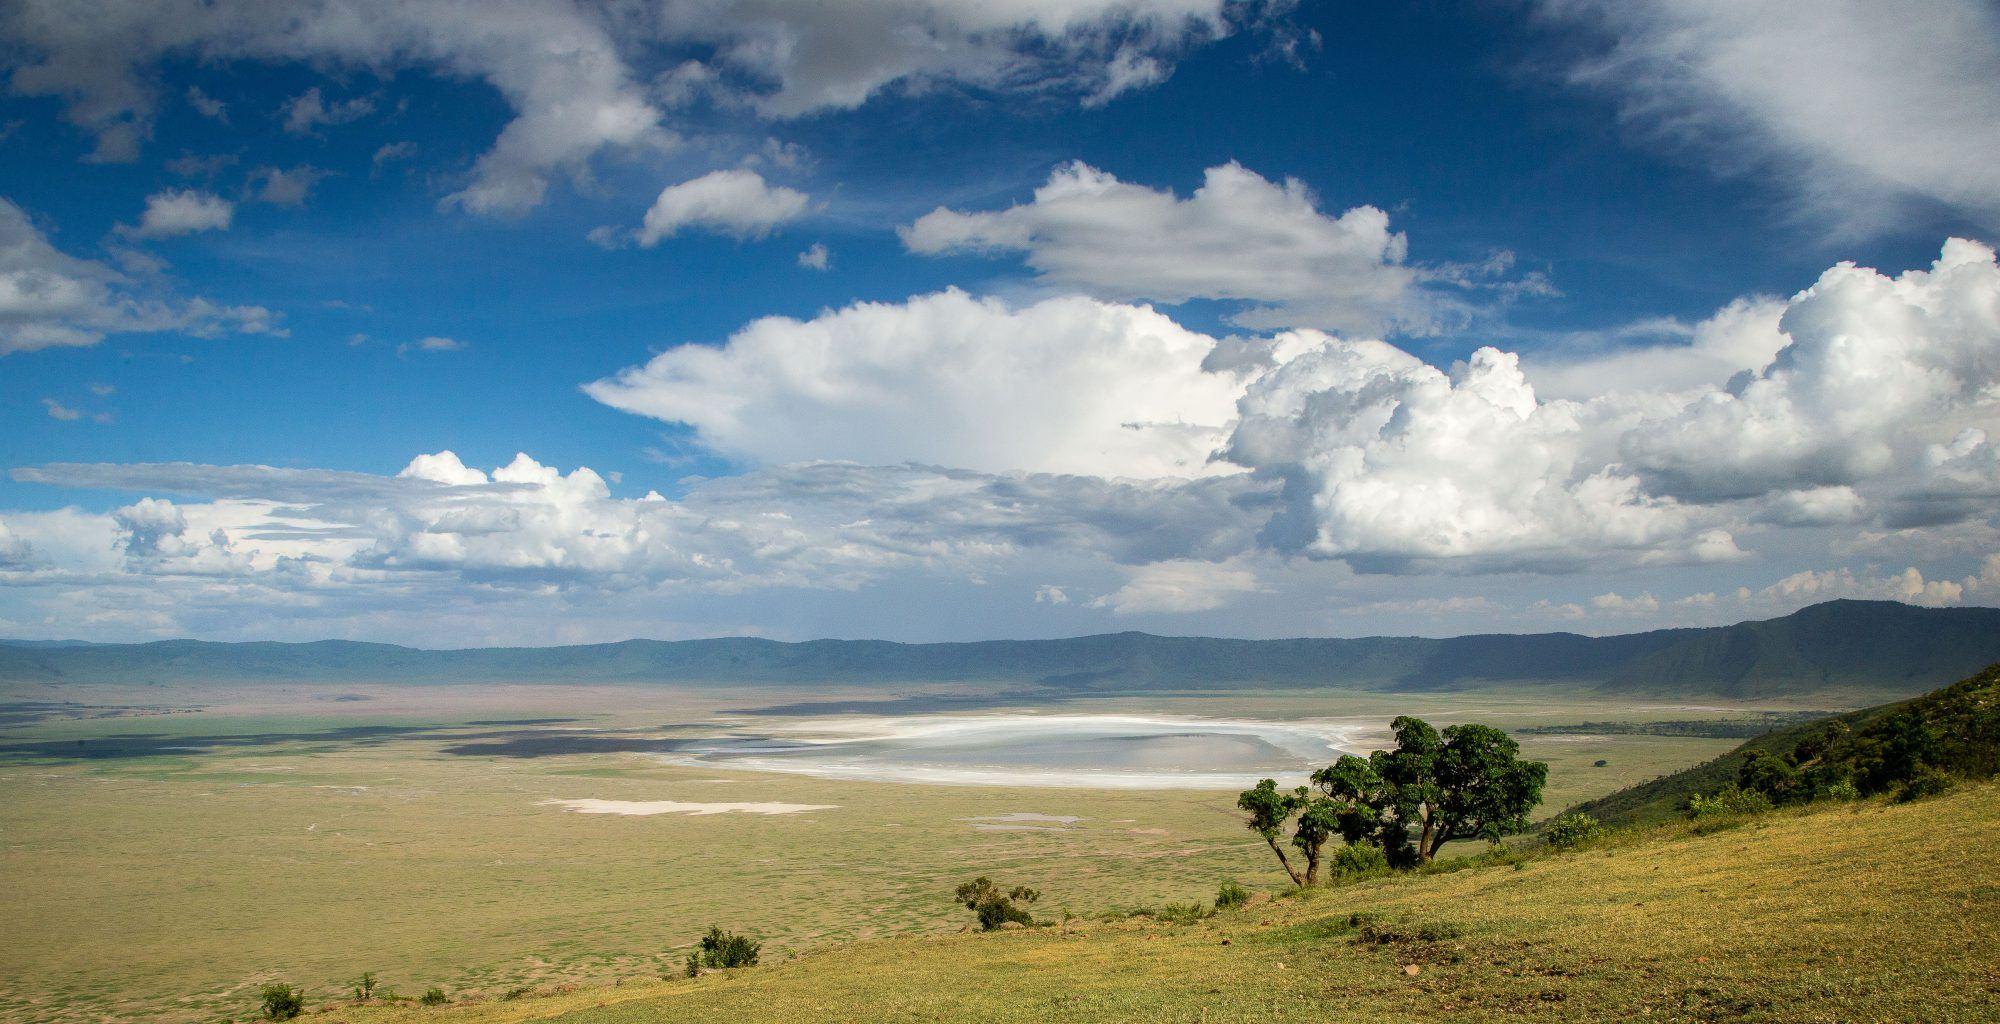 Tanzania-Ngorongoro-Crater-Landscape